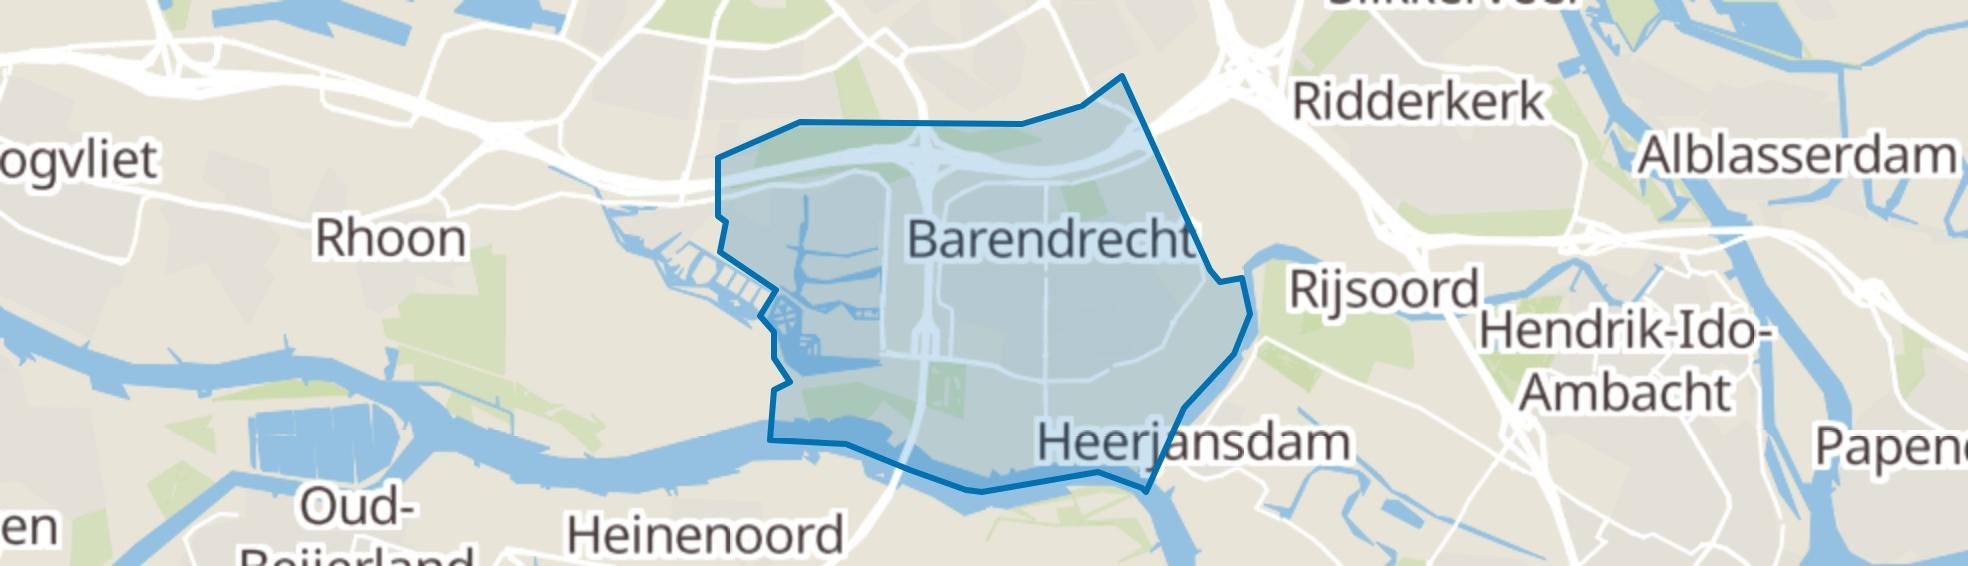 Barendrecht map